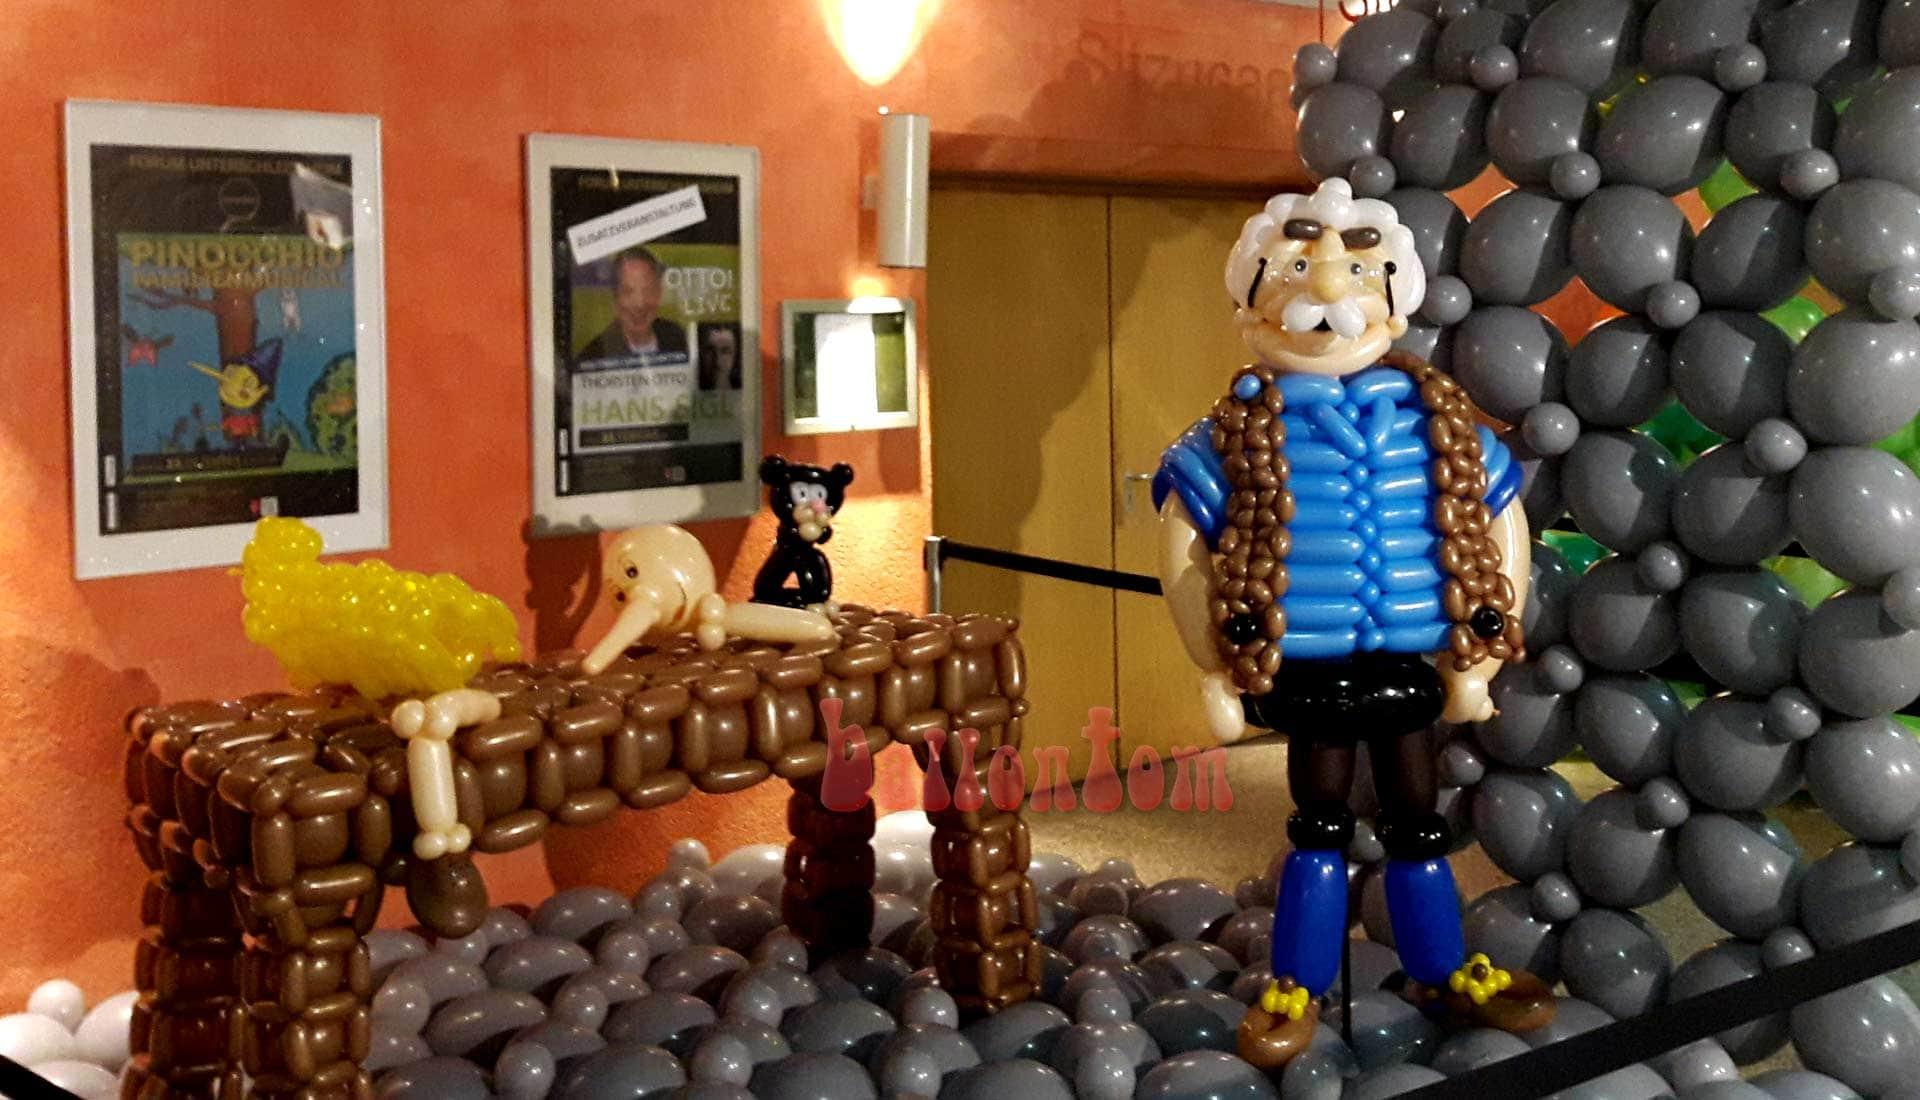 Ballonwelt zur Kinderoper Pinocchio in Unterschleißheim Nähe München - Bild Holschnitzer Gepetto